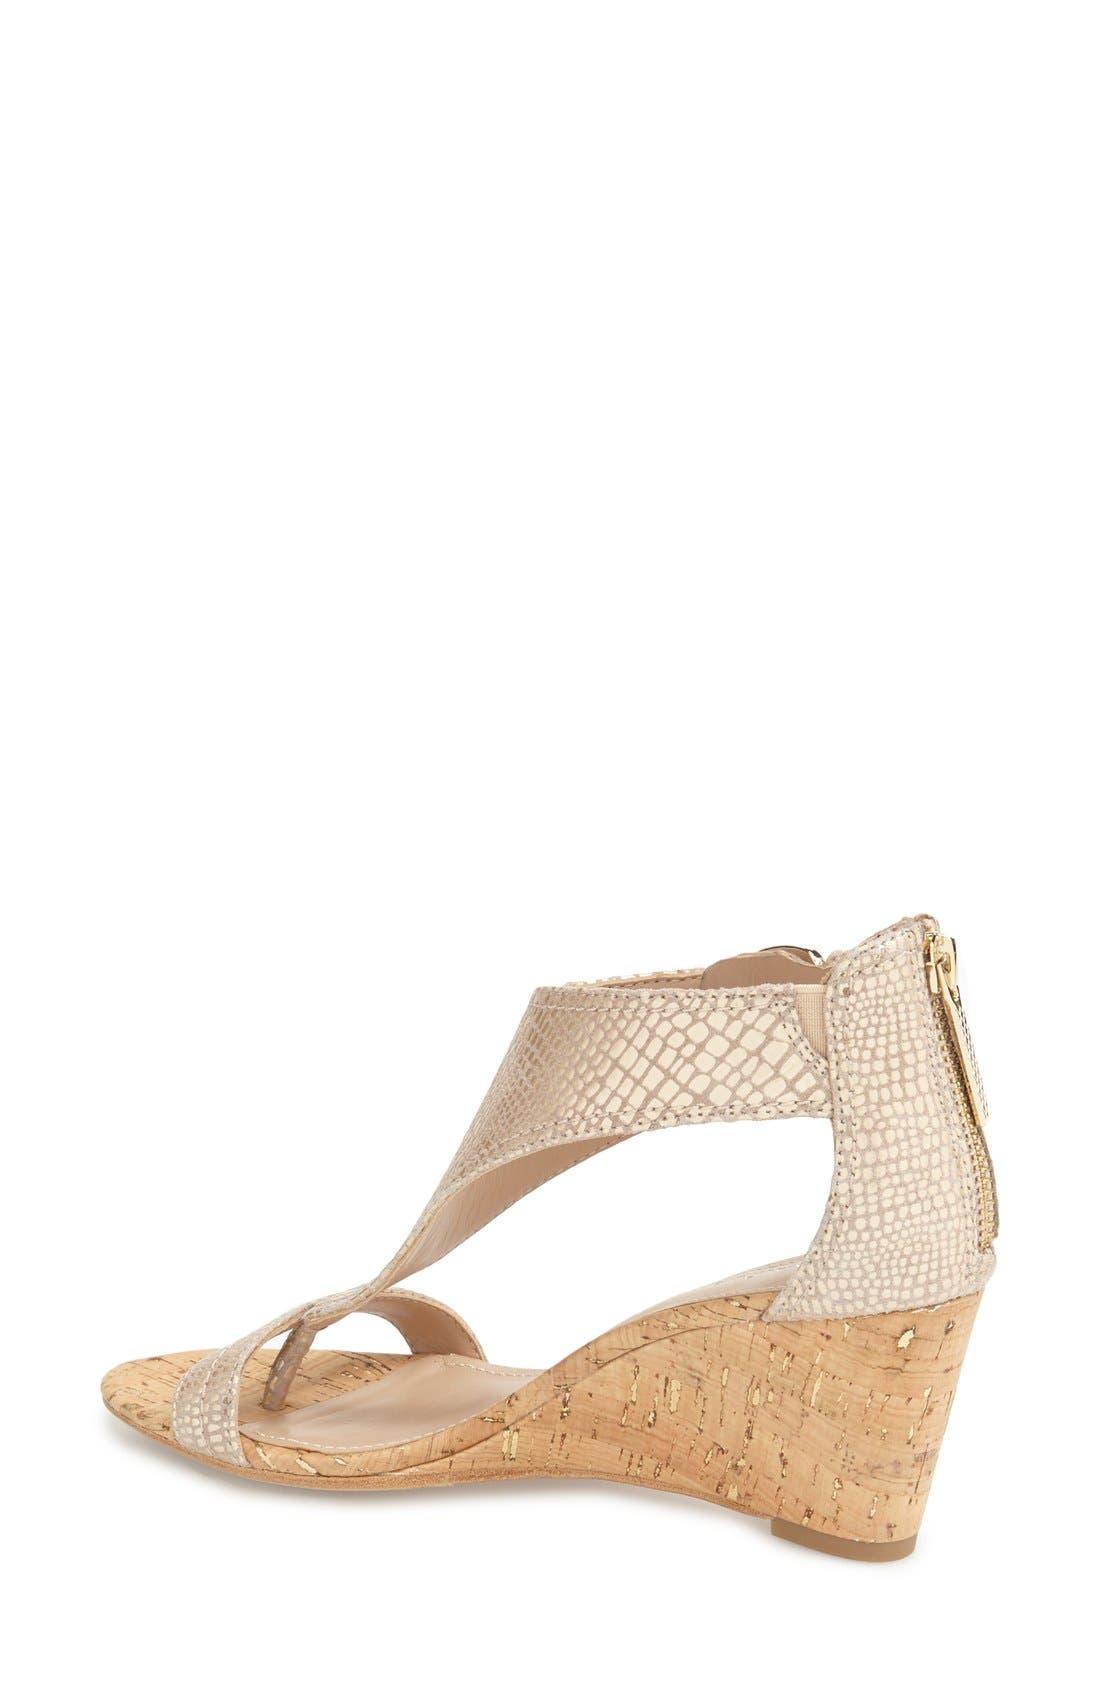 Alternate Image 2  - Donald J Pliner 'June' T-Strap Wedge Sandal (Women)